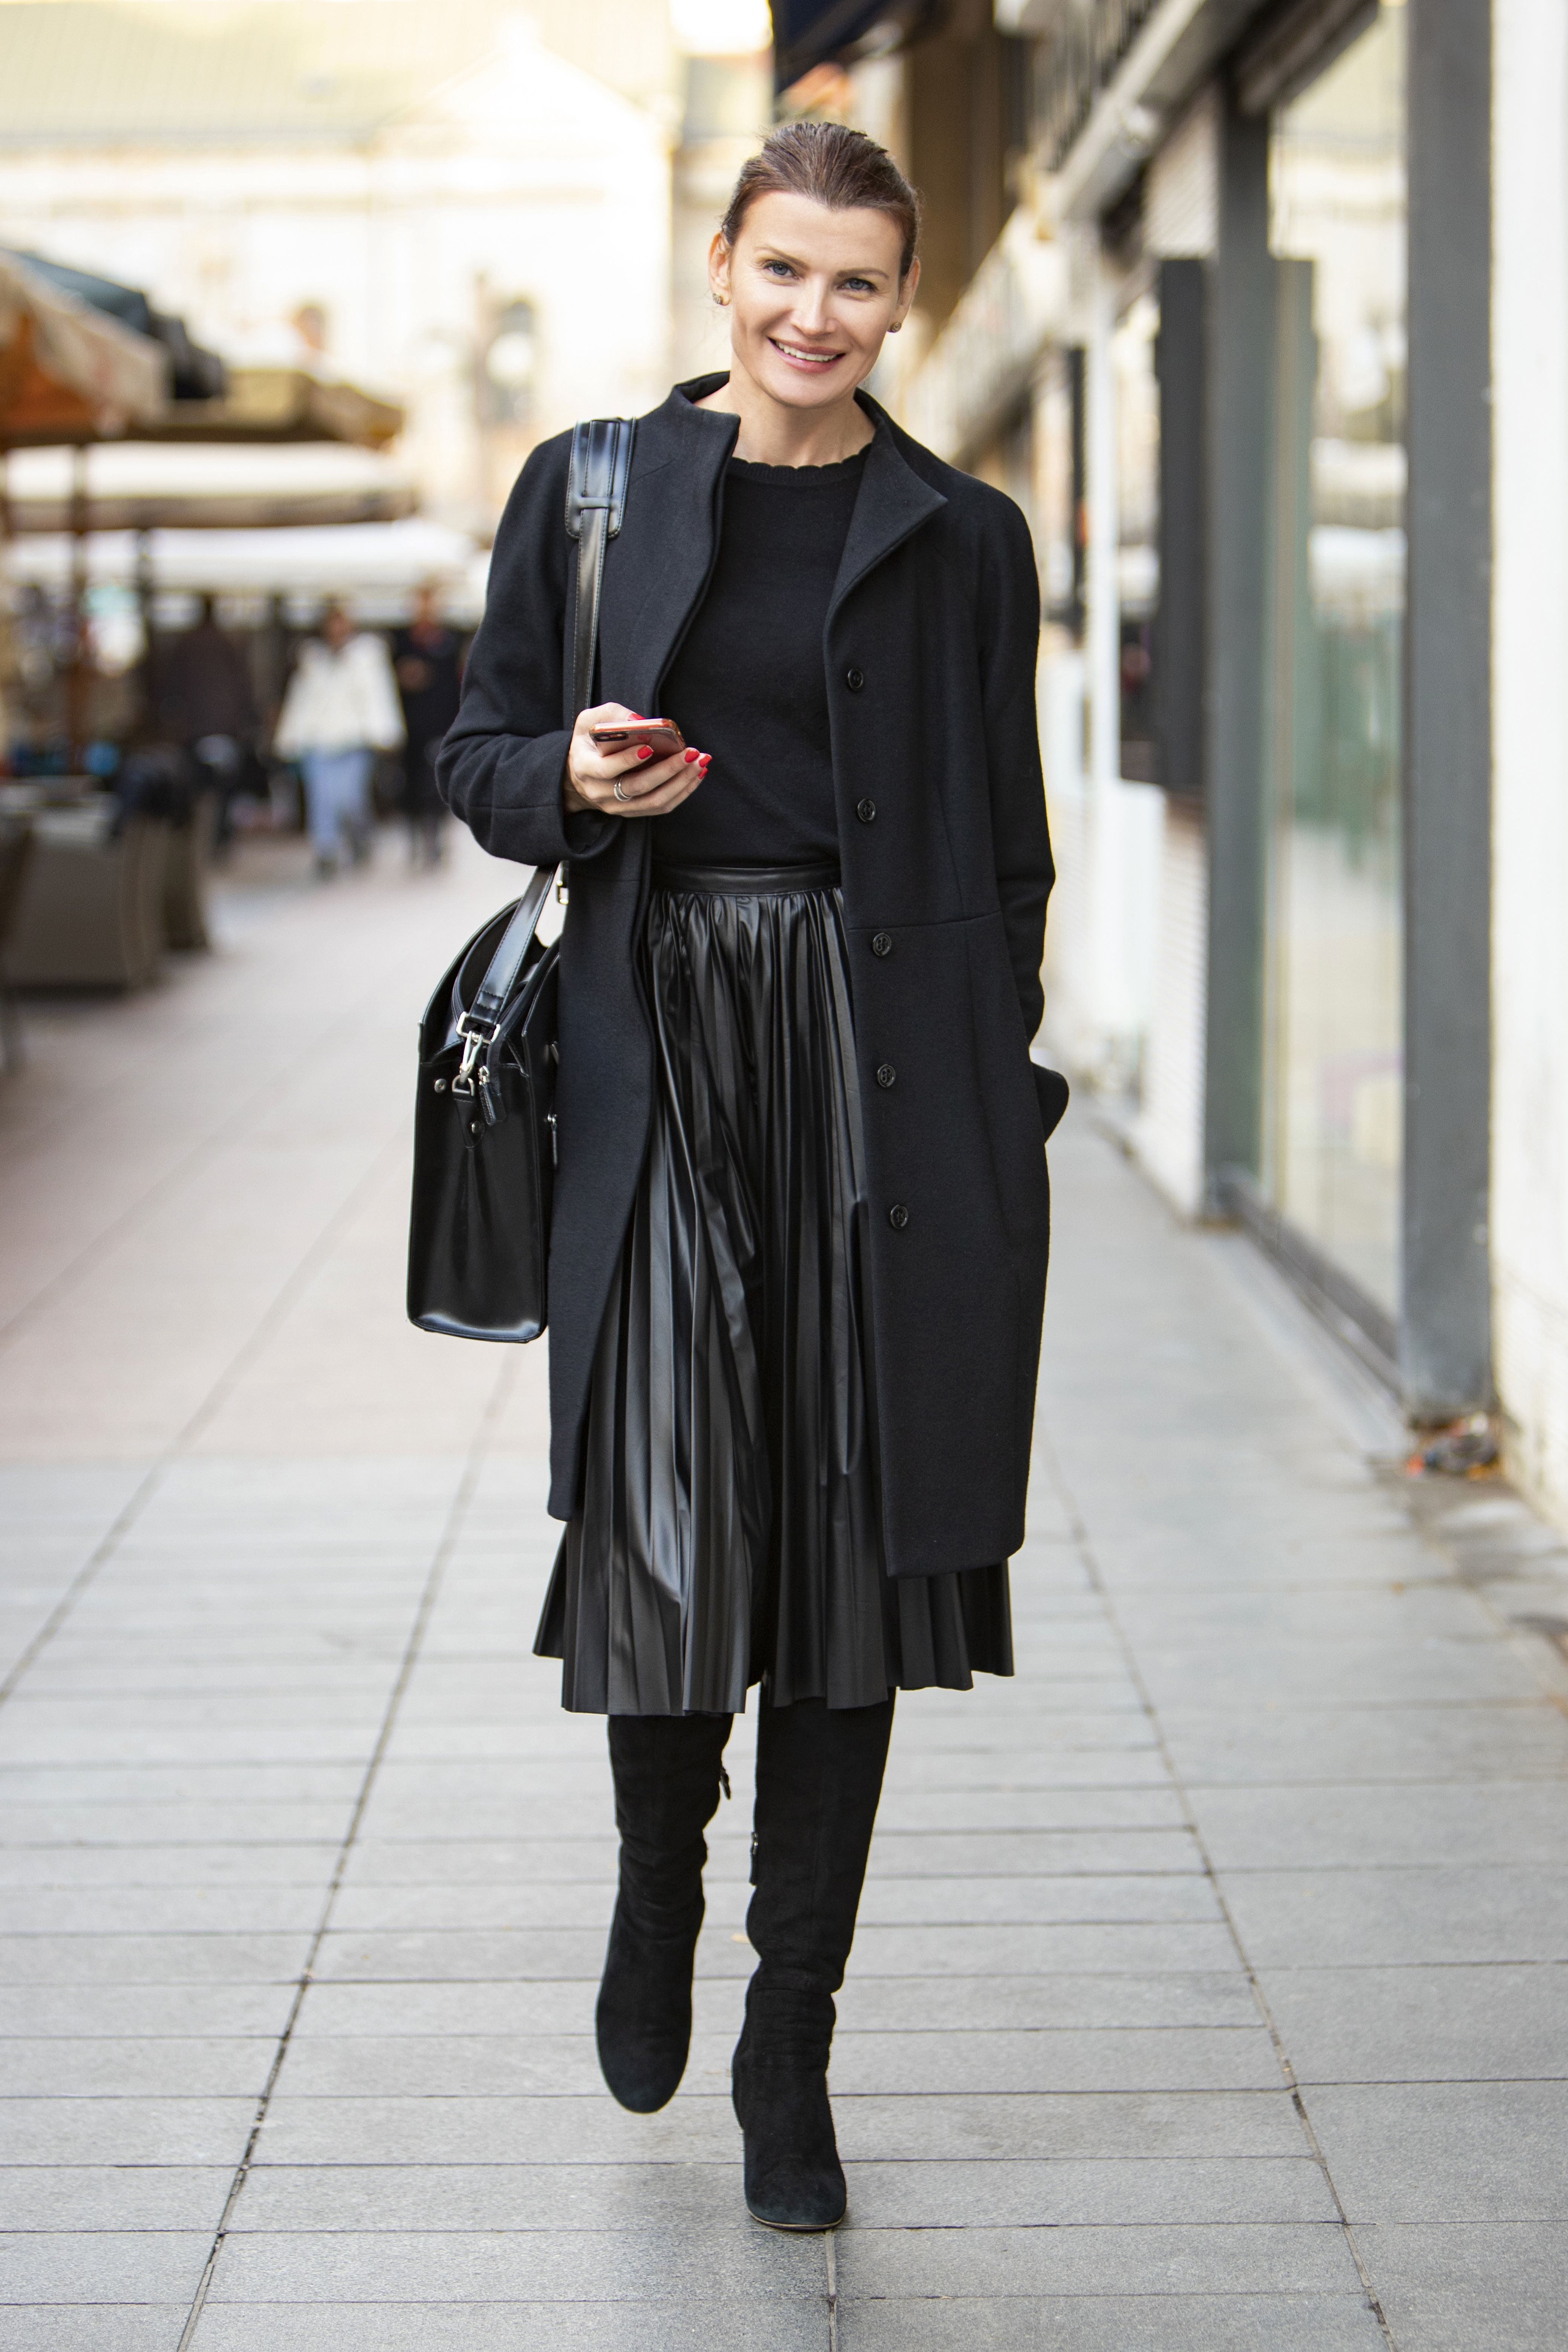 Modno osviještena saborska zastupnica briljirala je izvanrednim crnim stylingom